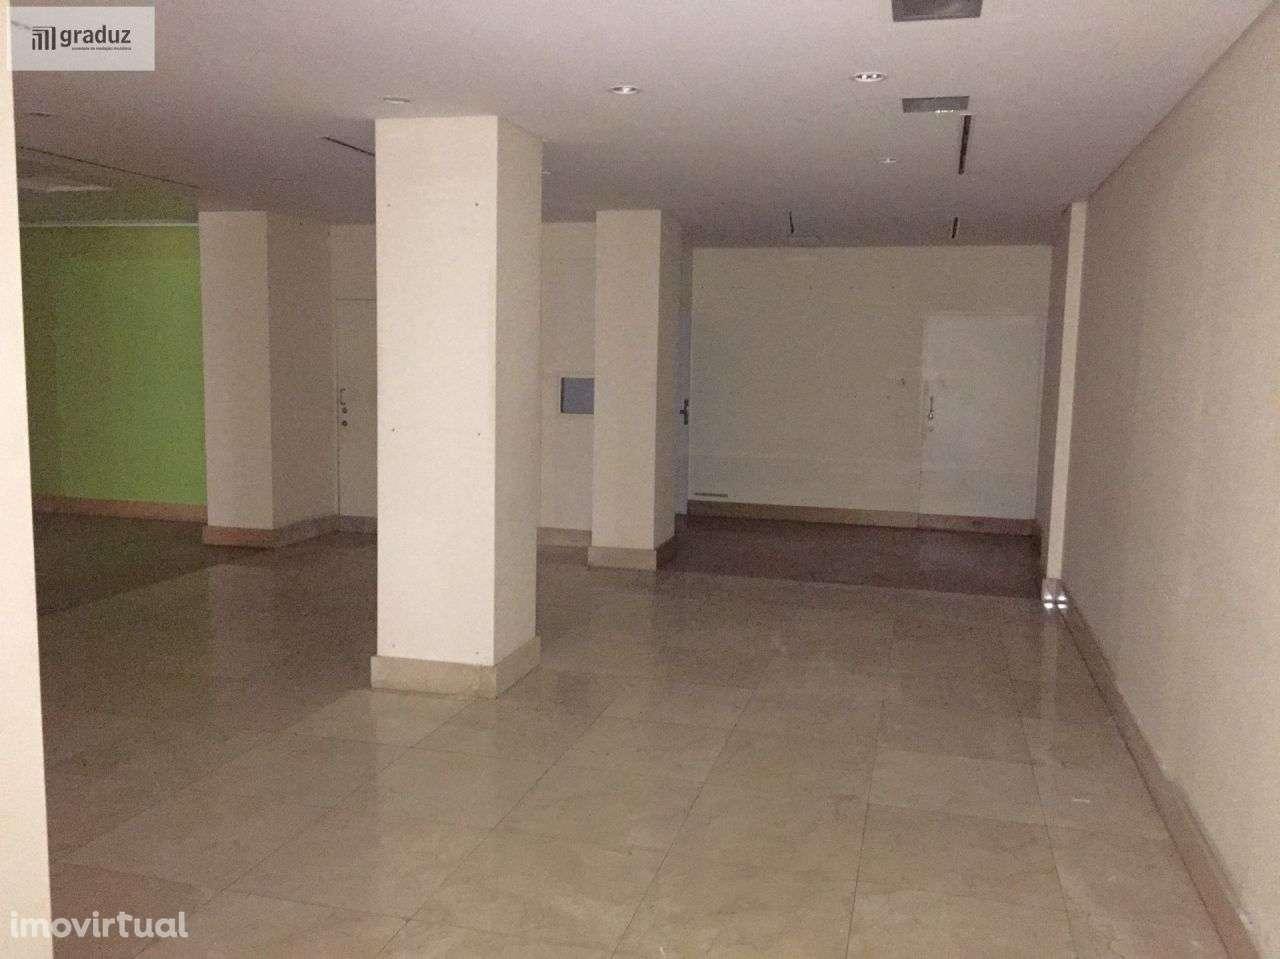 Loja para arrendar, Castelo Branco - Foto 1